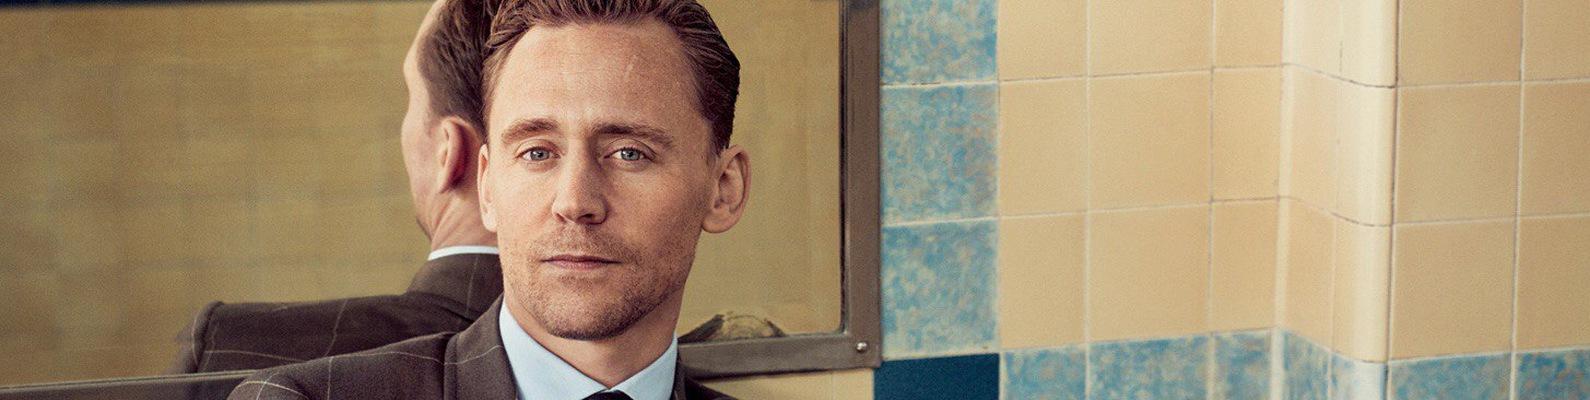 Том Хиддл��он hiddlestown tom hiddleston vk